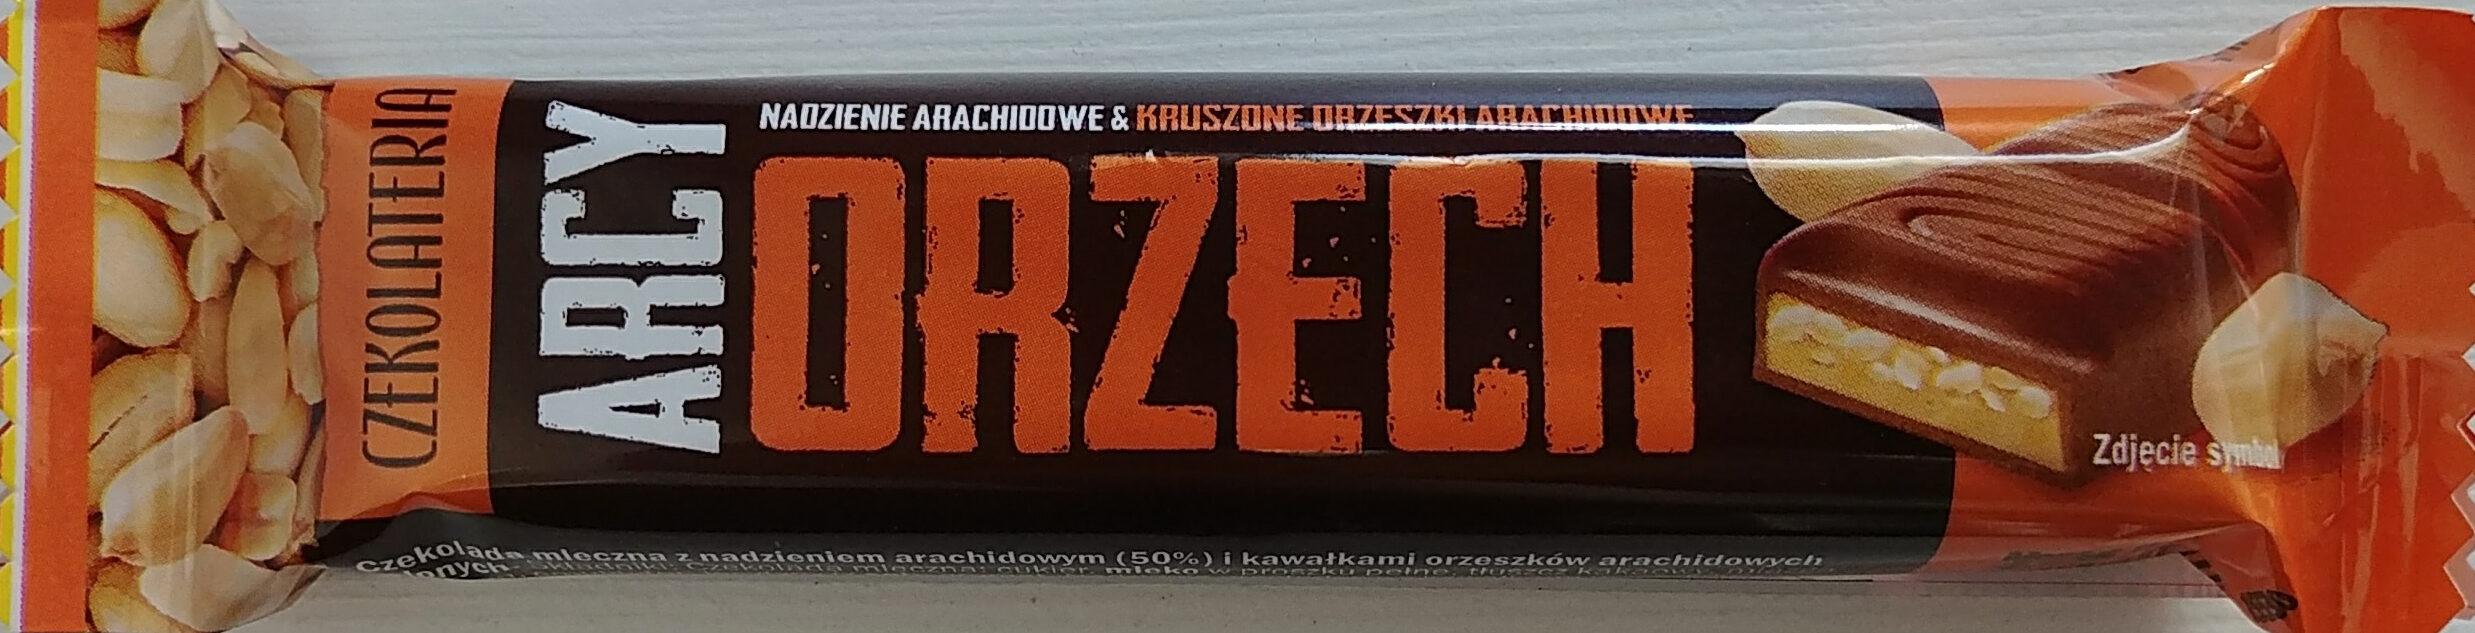 Baton Arcy Orzech - Produkt - pl